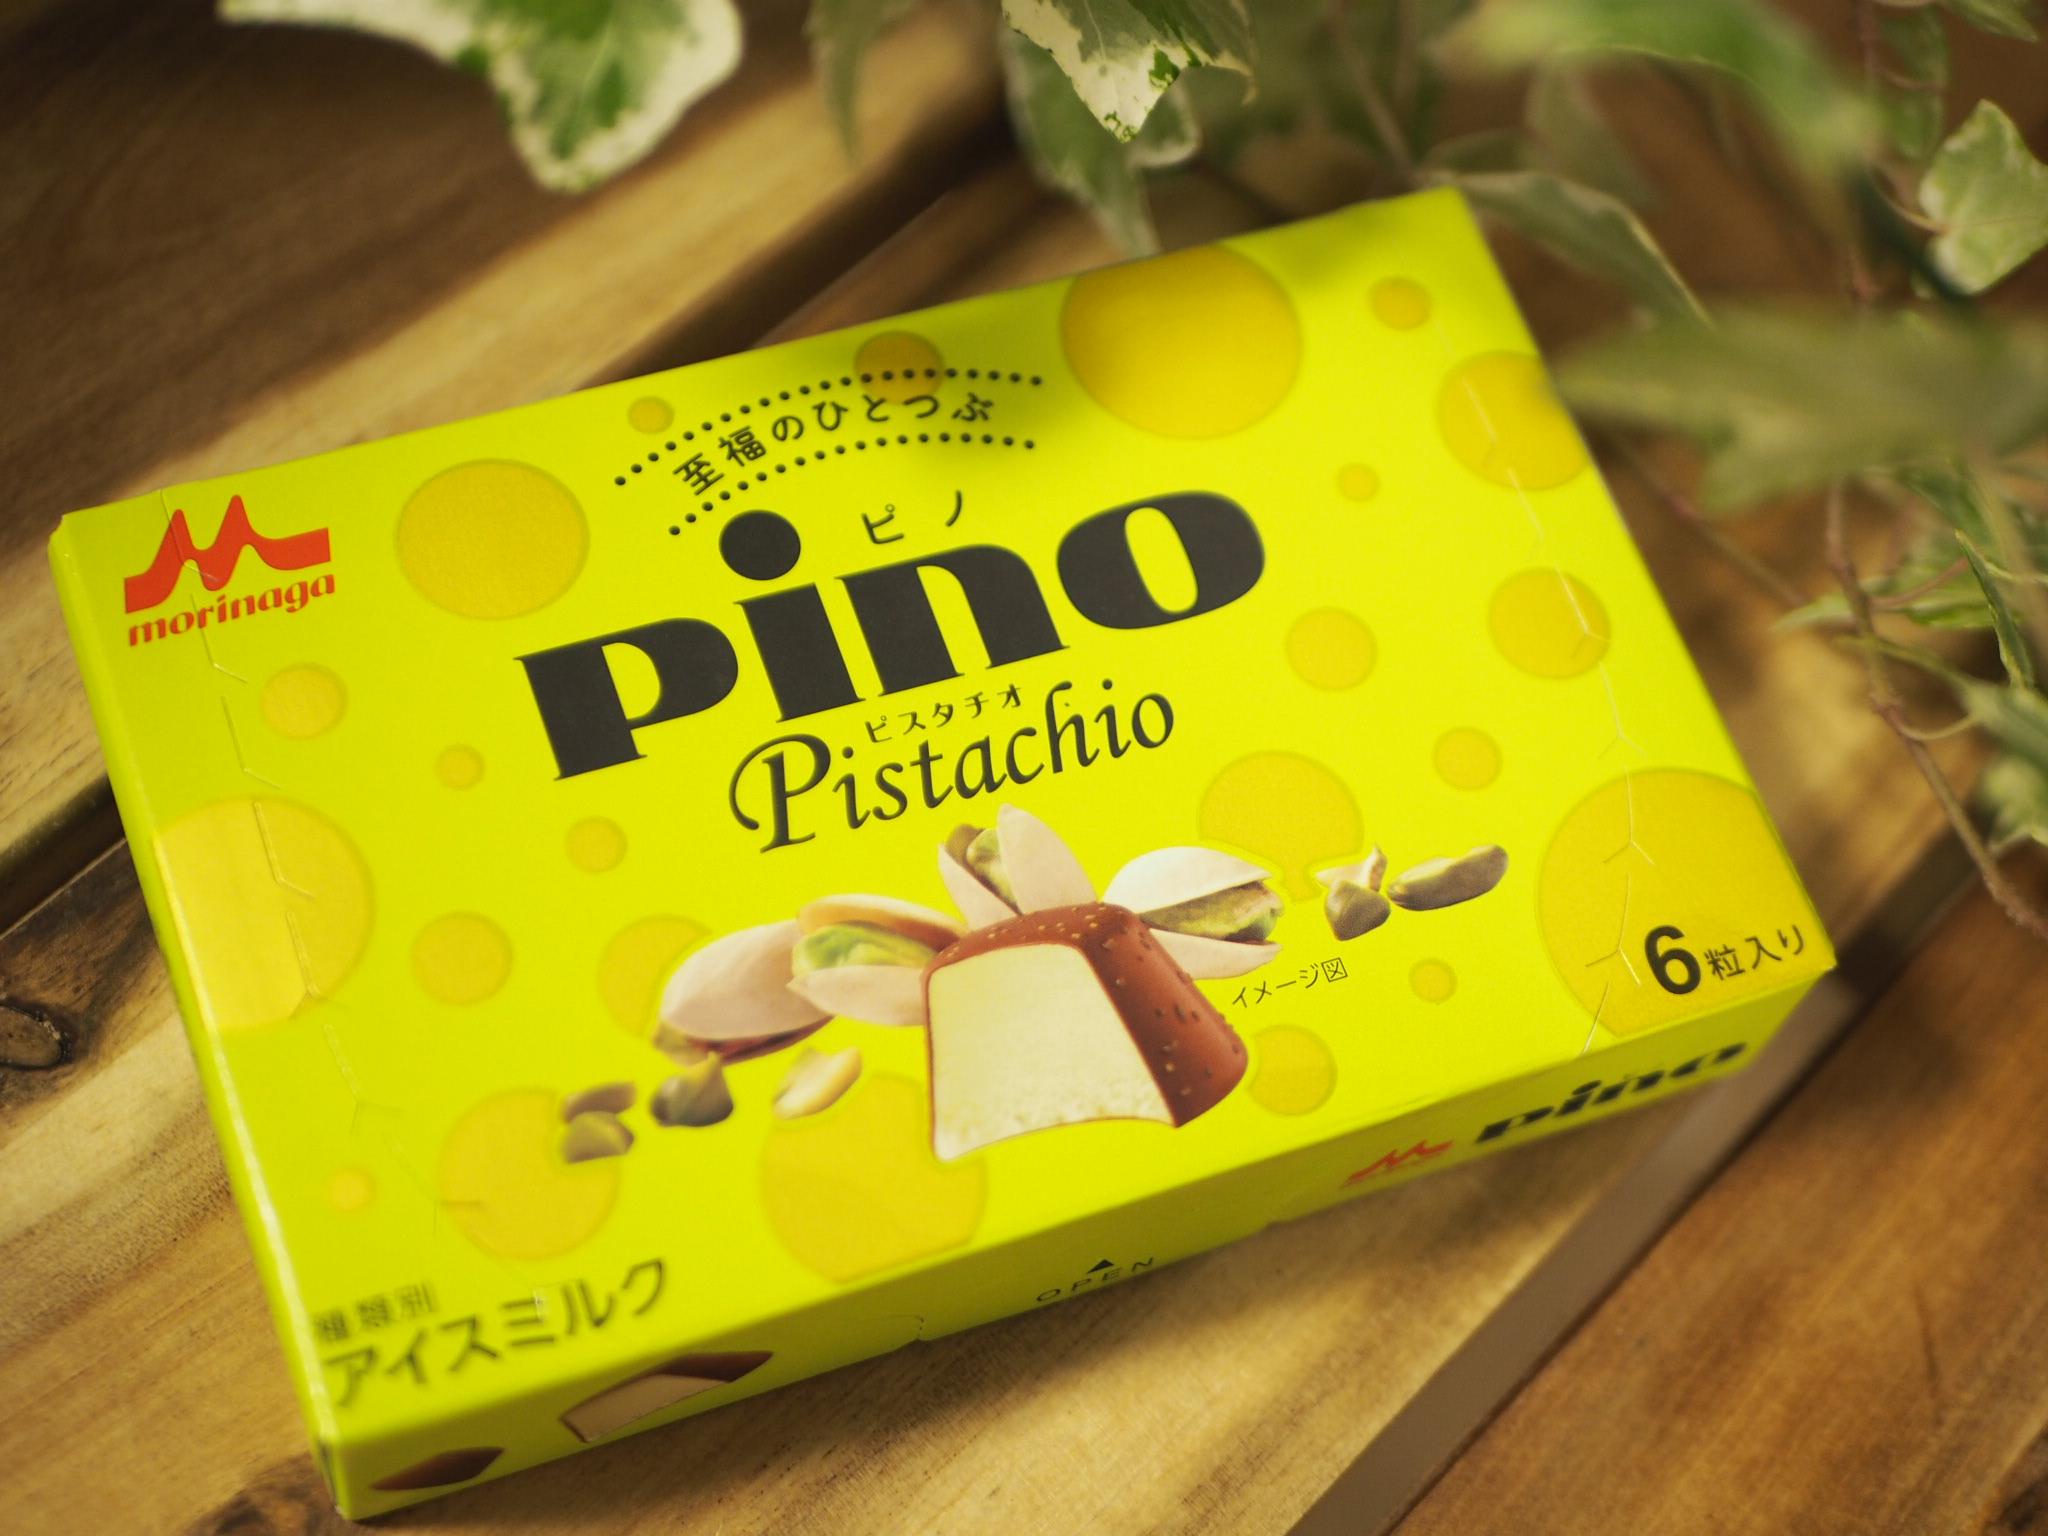 【ピノ史上初登場】のピスタチオ味♡♡ 気になるお味と販売期間は?_1